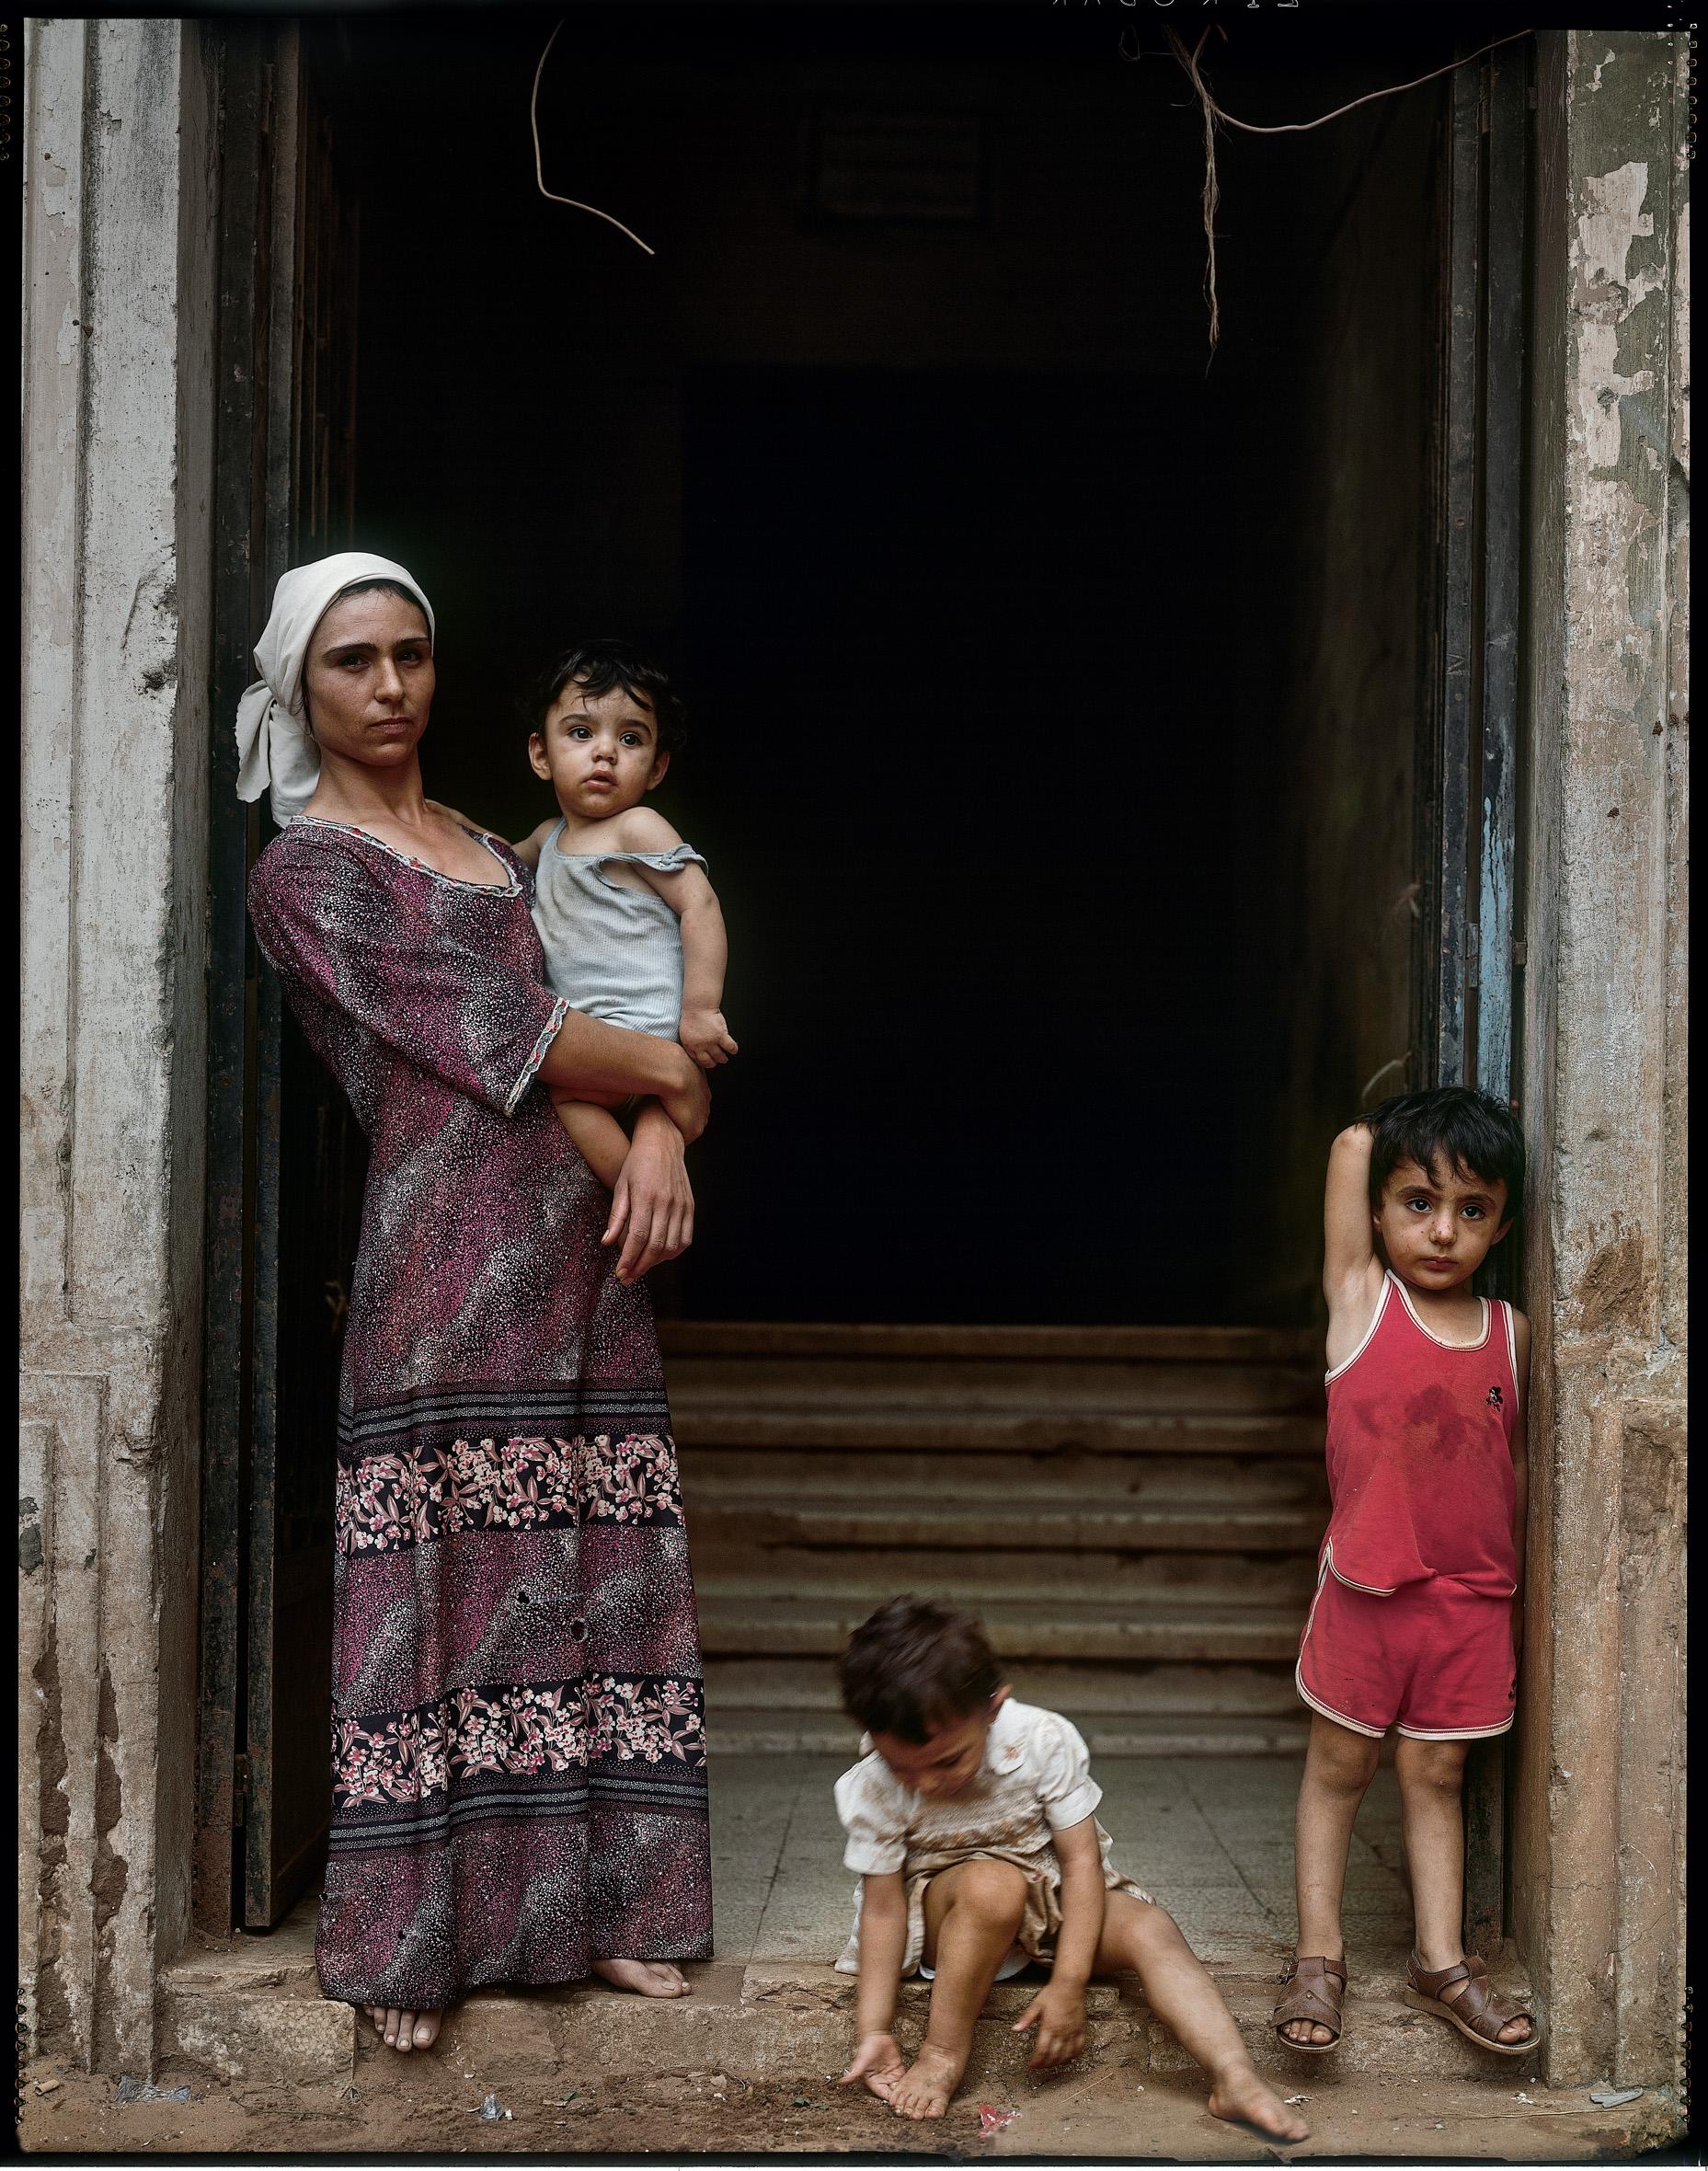 Yan Morvan.  Le quartier des grands hôtels a été le théâtre de violents affrontements pendant la guerre de 1975-1976 entre Palestiniens et chrétiens. C'est aujourd'hui encore une ligne de démarcation entre musulmans chiites, Druzes et chrétiens. Quelques familles sans ressources ont été relogées dans ce secteur.